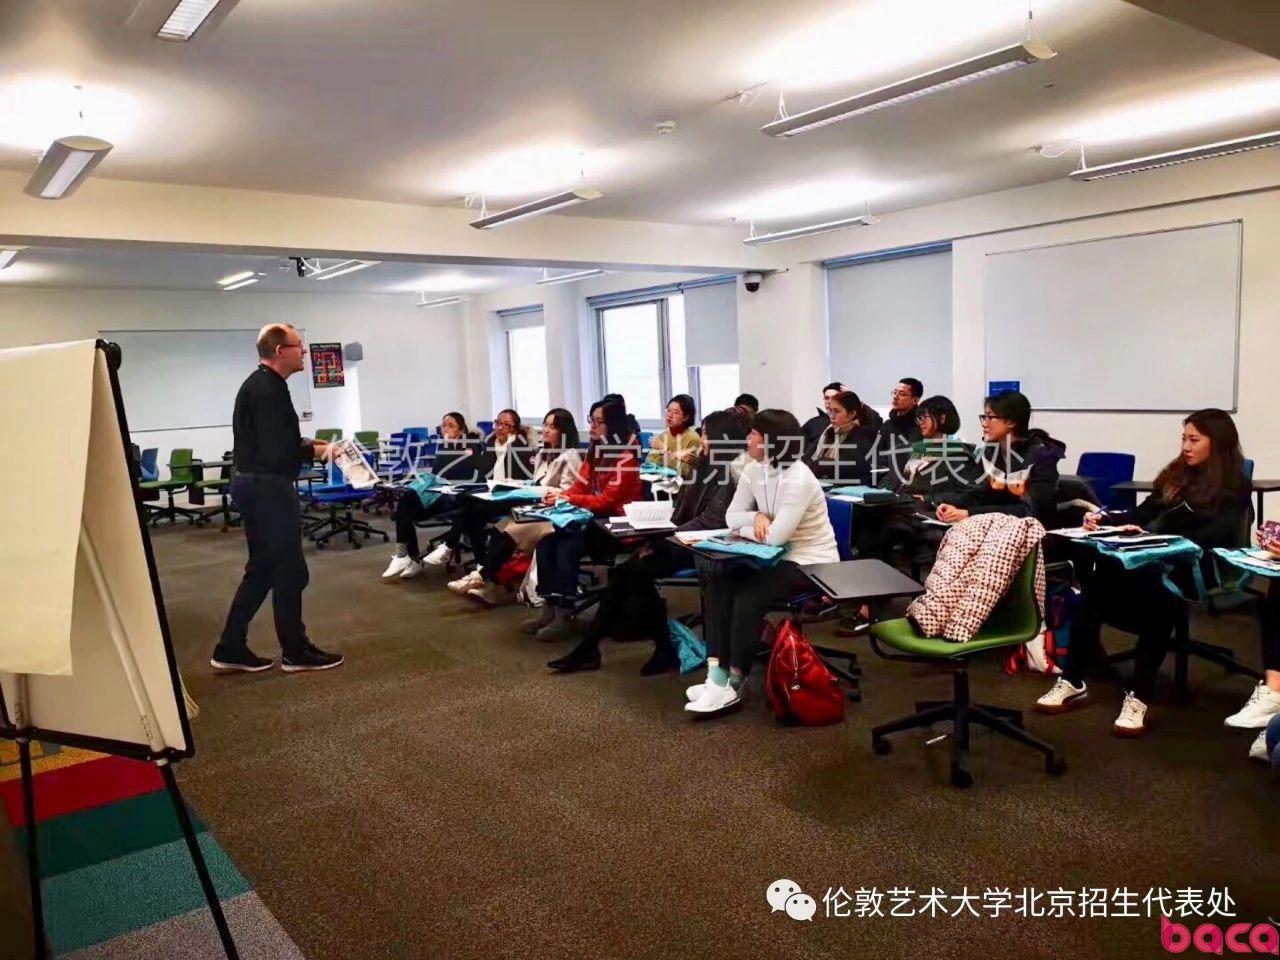 【艺术留学】艺术预科课程如何申请?|BACA资讯